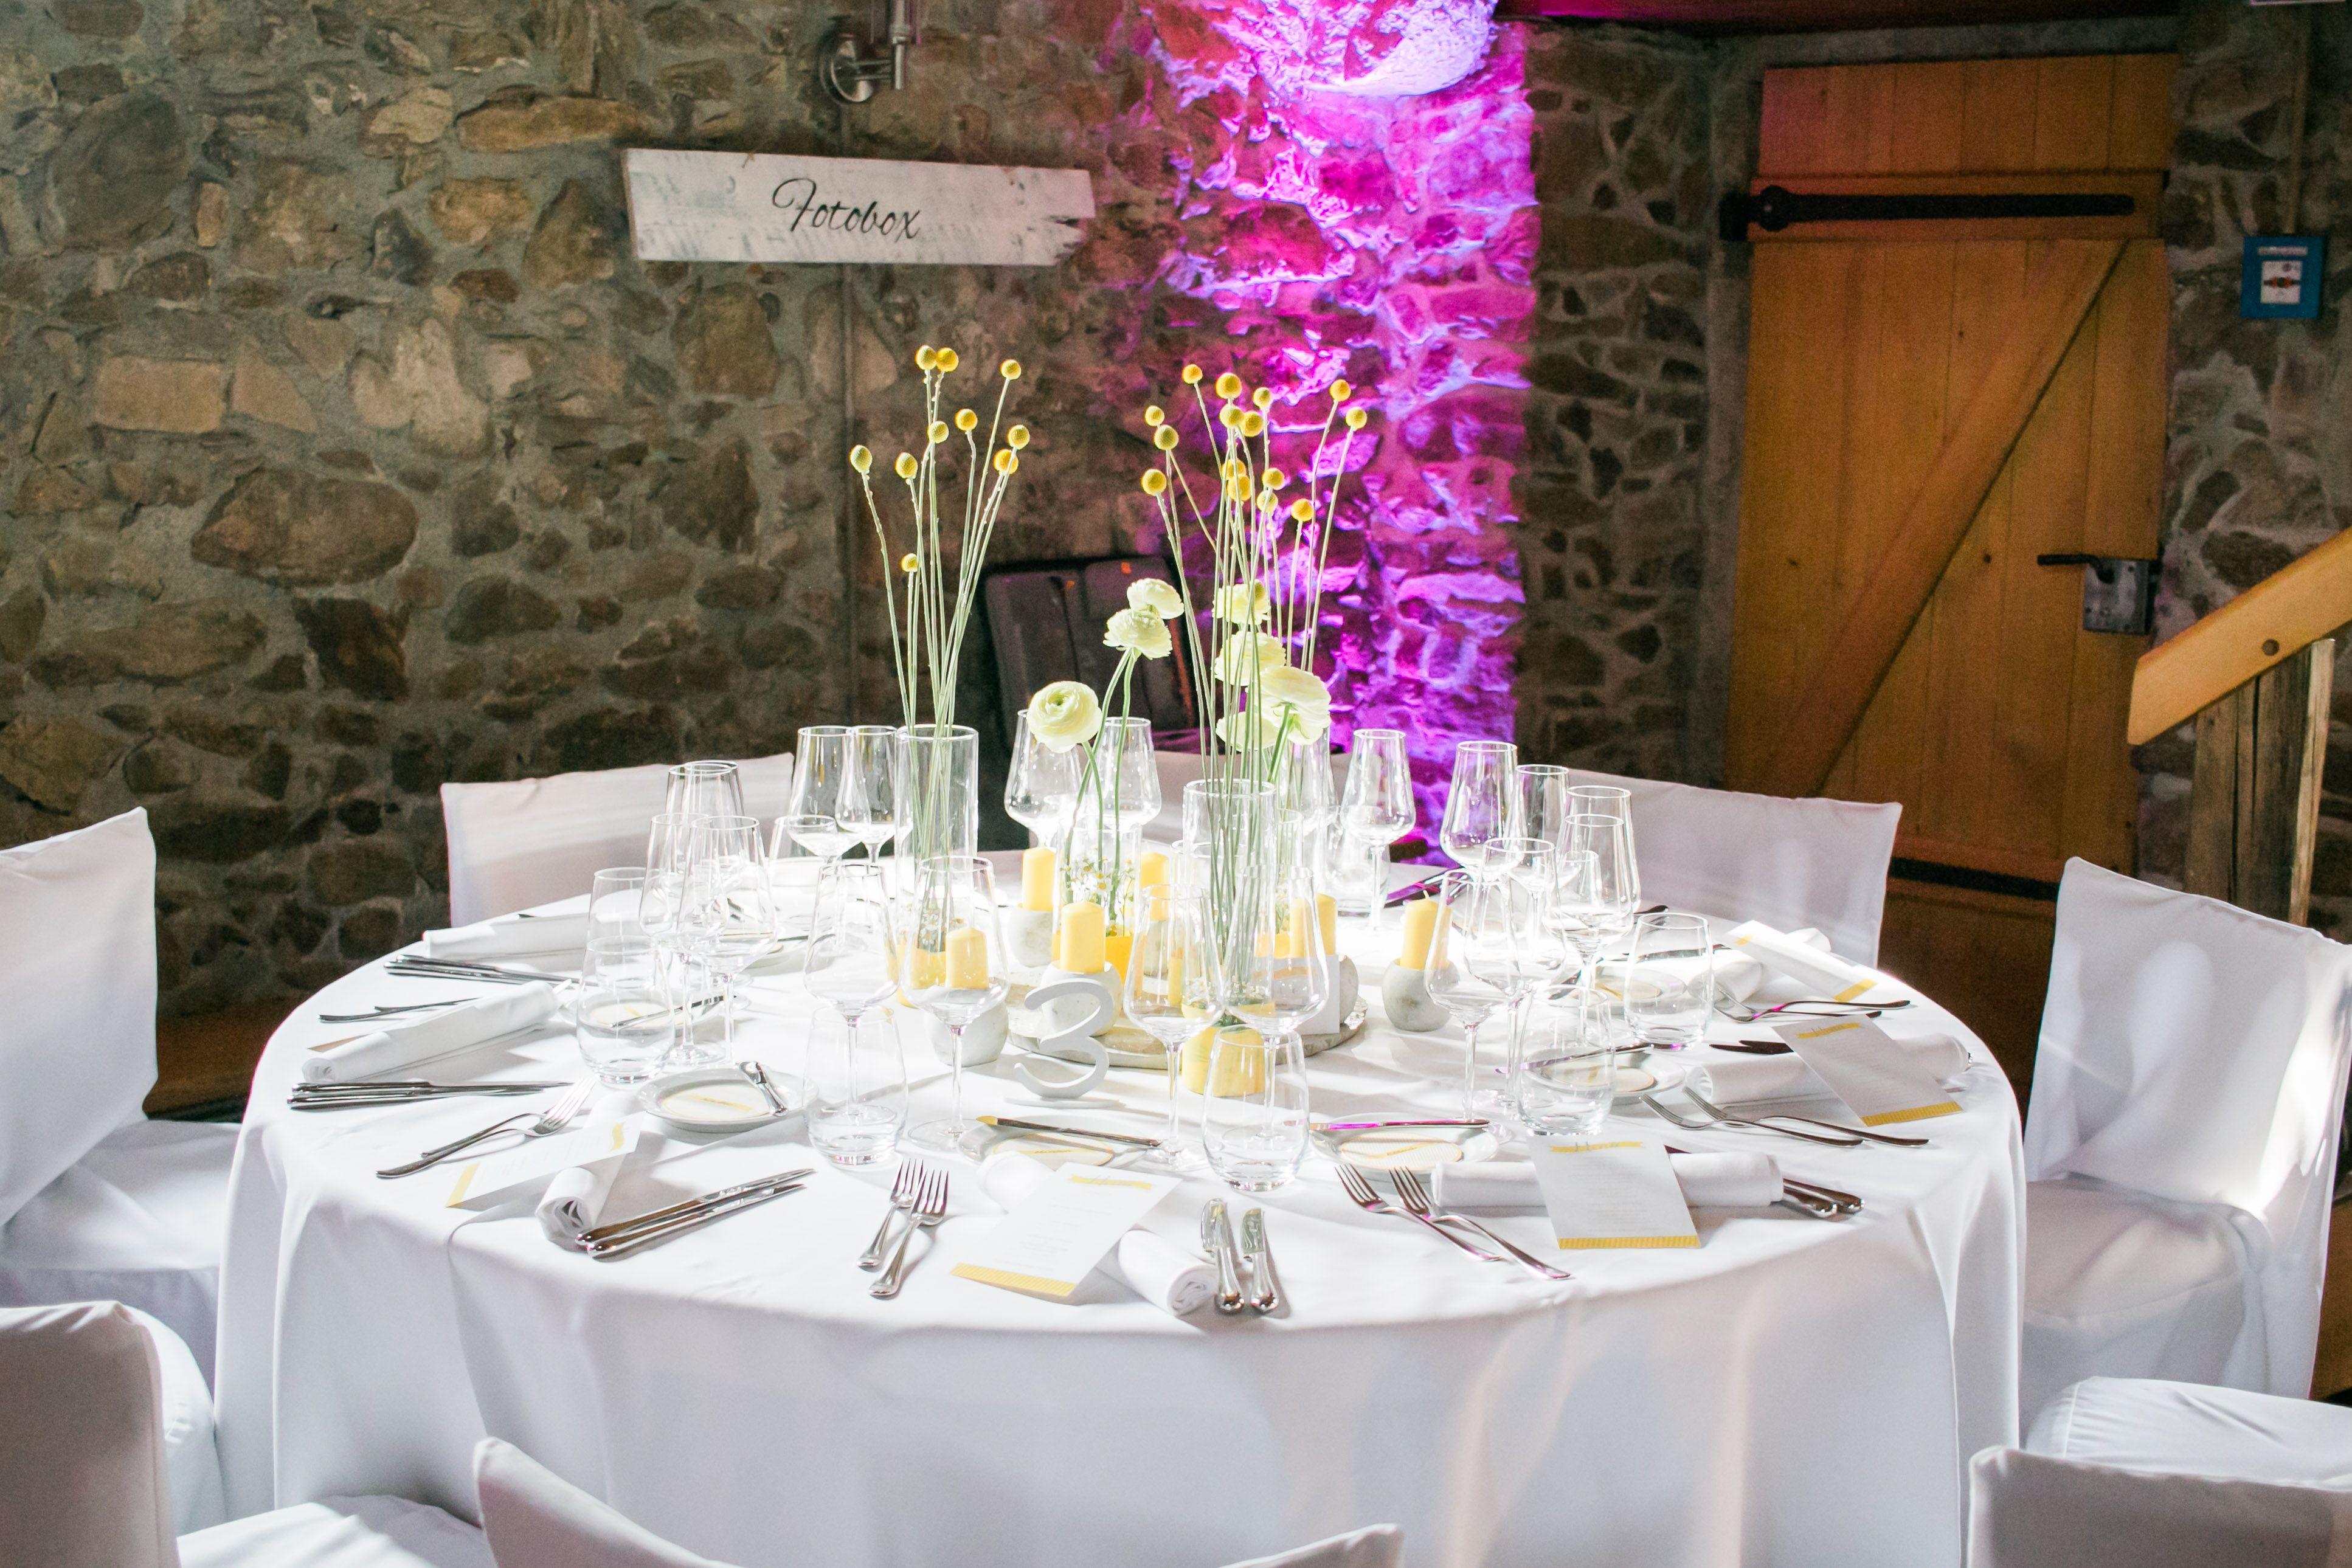 Konzept mit Gelb und Beton - Wedding Dinner Freiburg  Foto: www.fräulein-klick.com Umsetzung:@Hochzeitsfee Freiburg